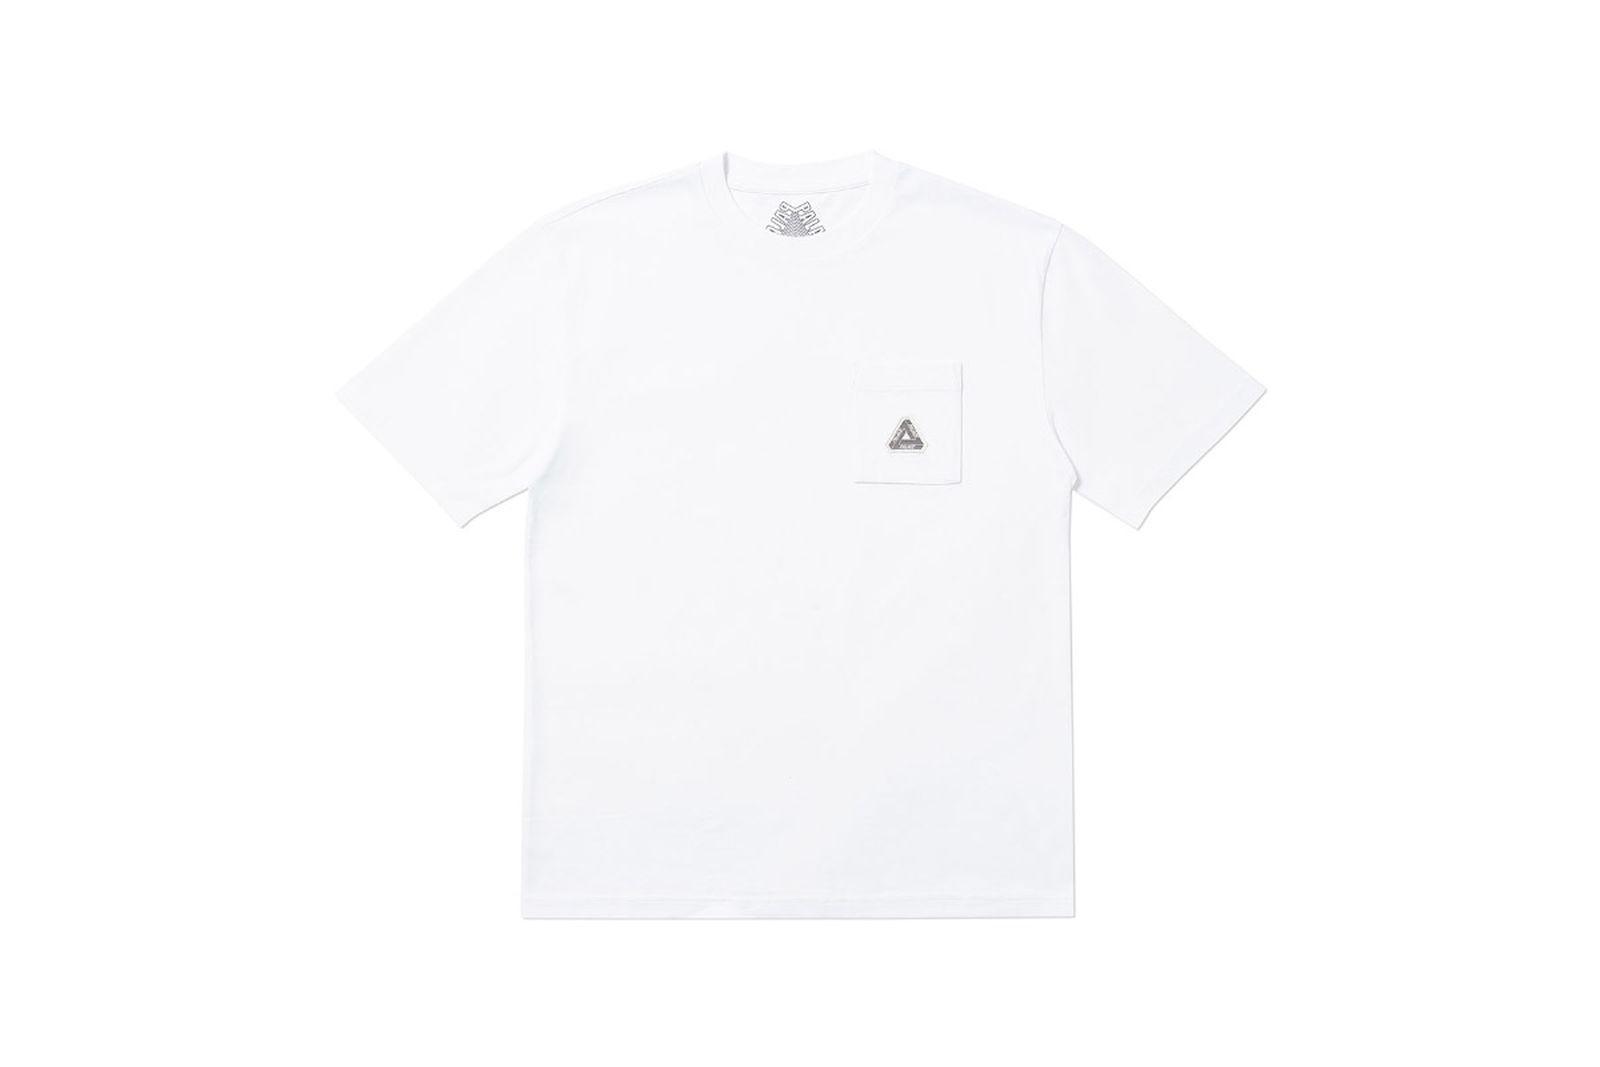 Palace 2019 Autumn T Shirt Pocket white